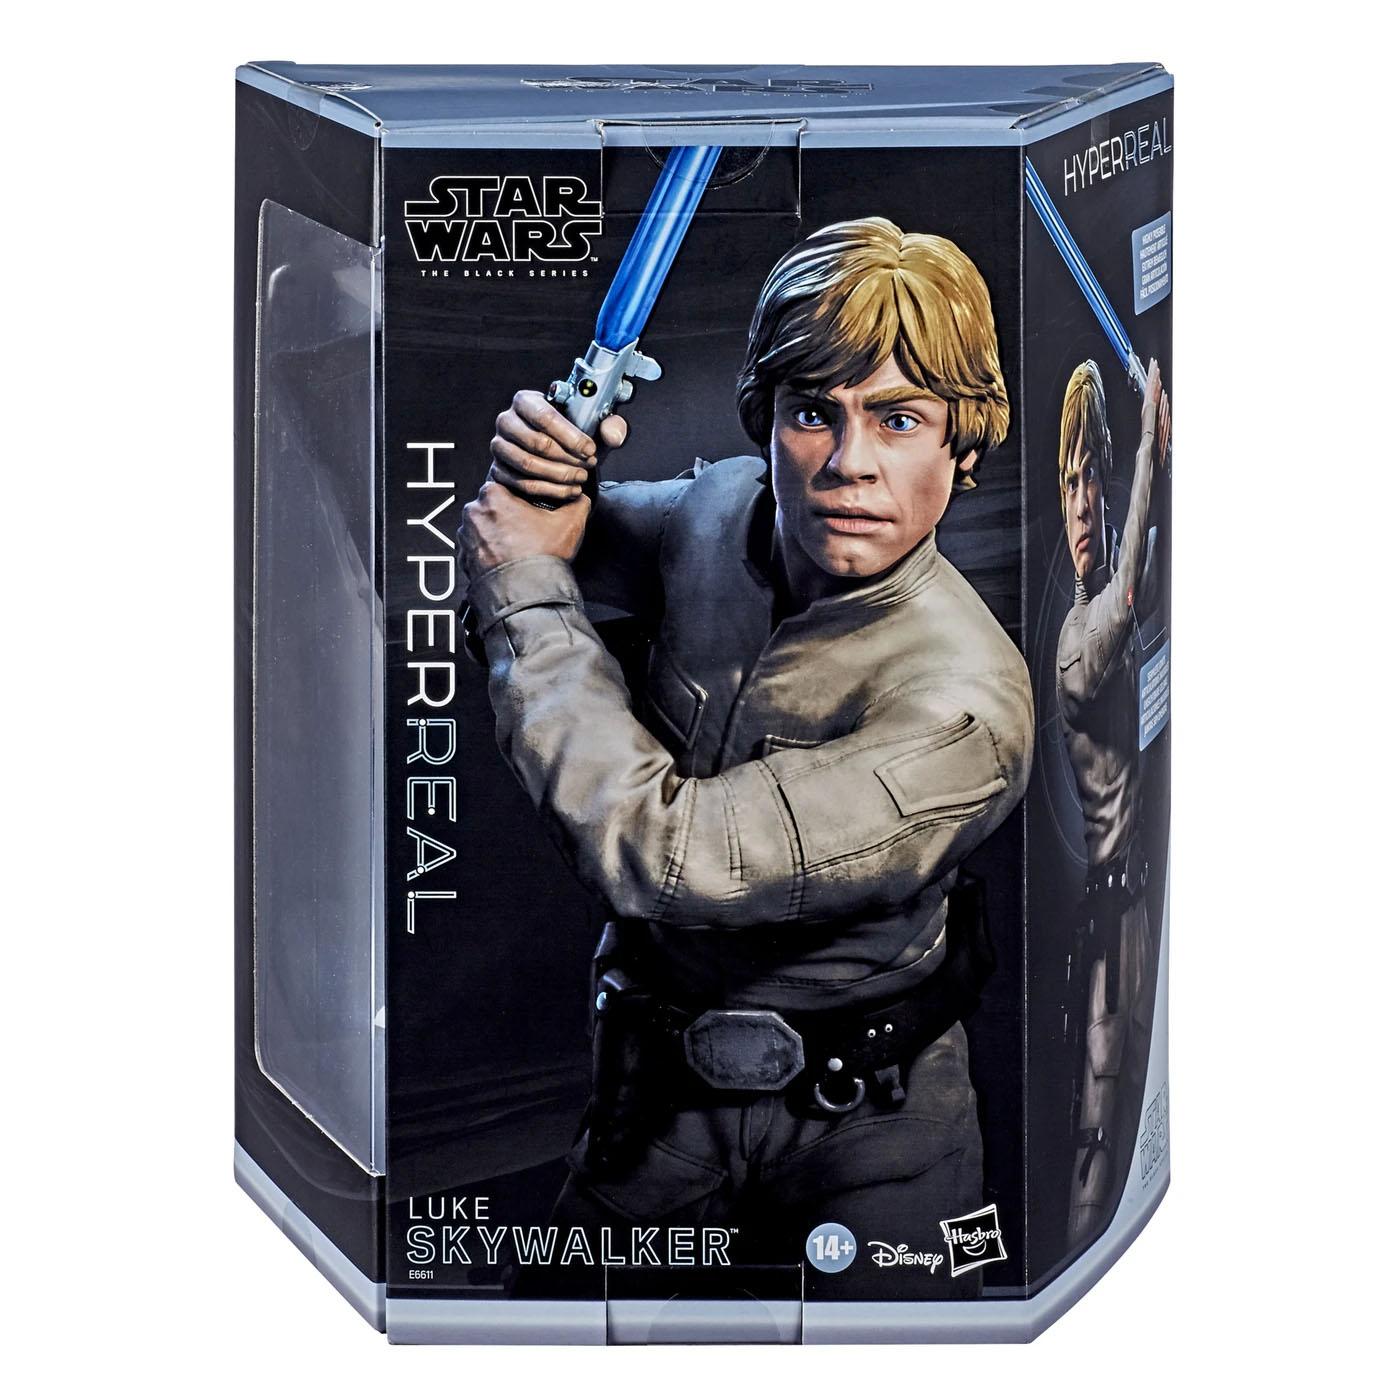 HyperReal-Luke-Skywalker-003